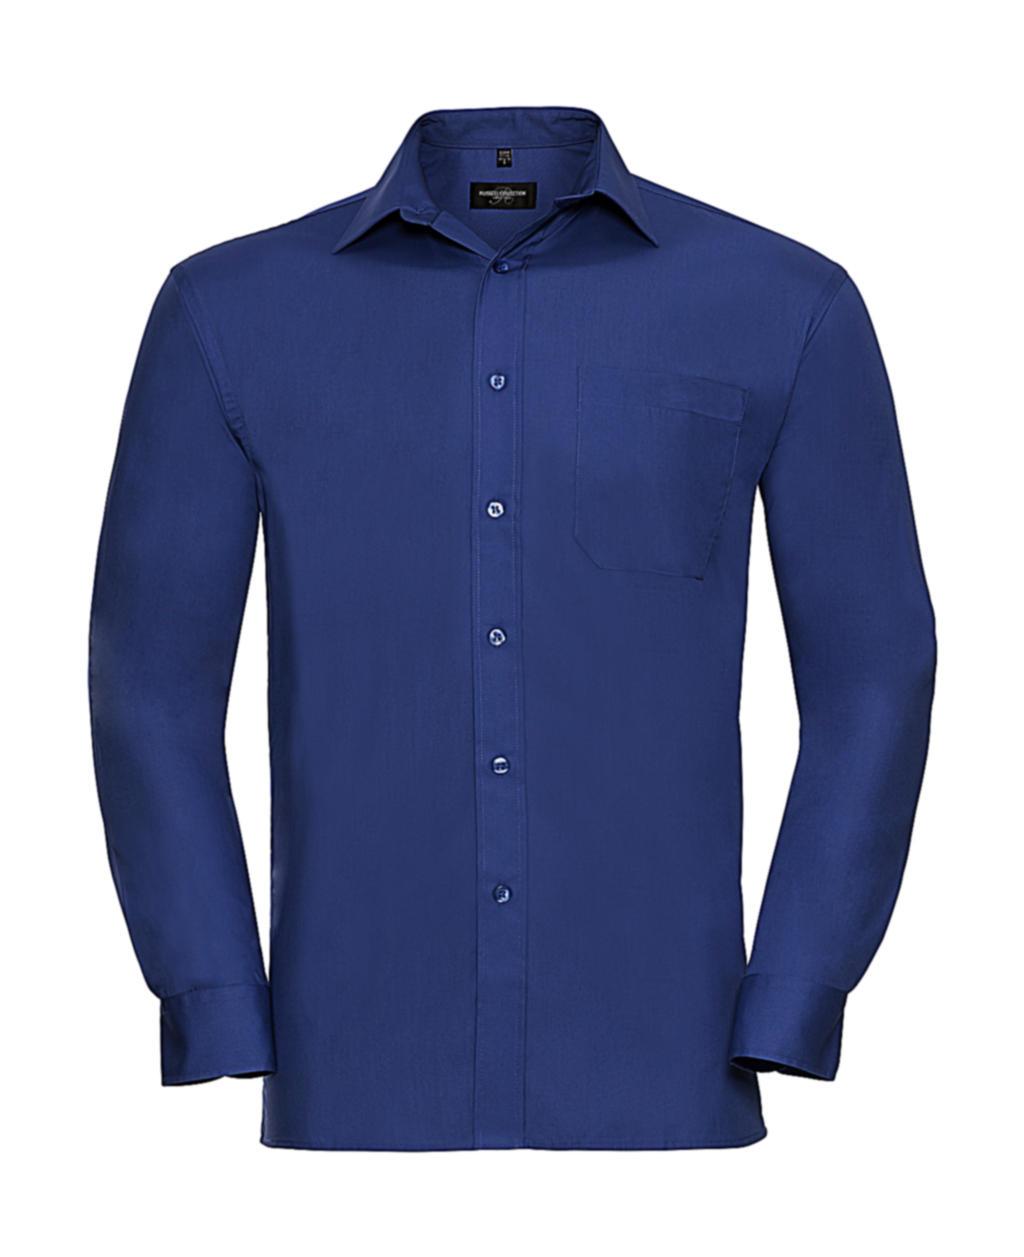 Košile z popelínu s dlouhým rukávem - zvìtšit obrázek